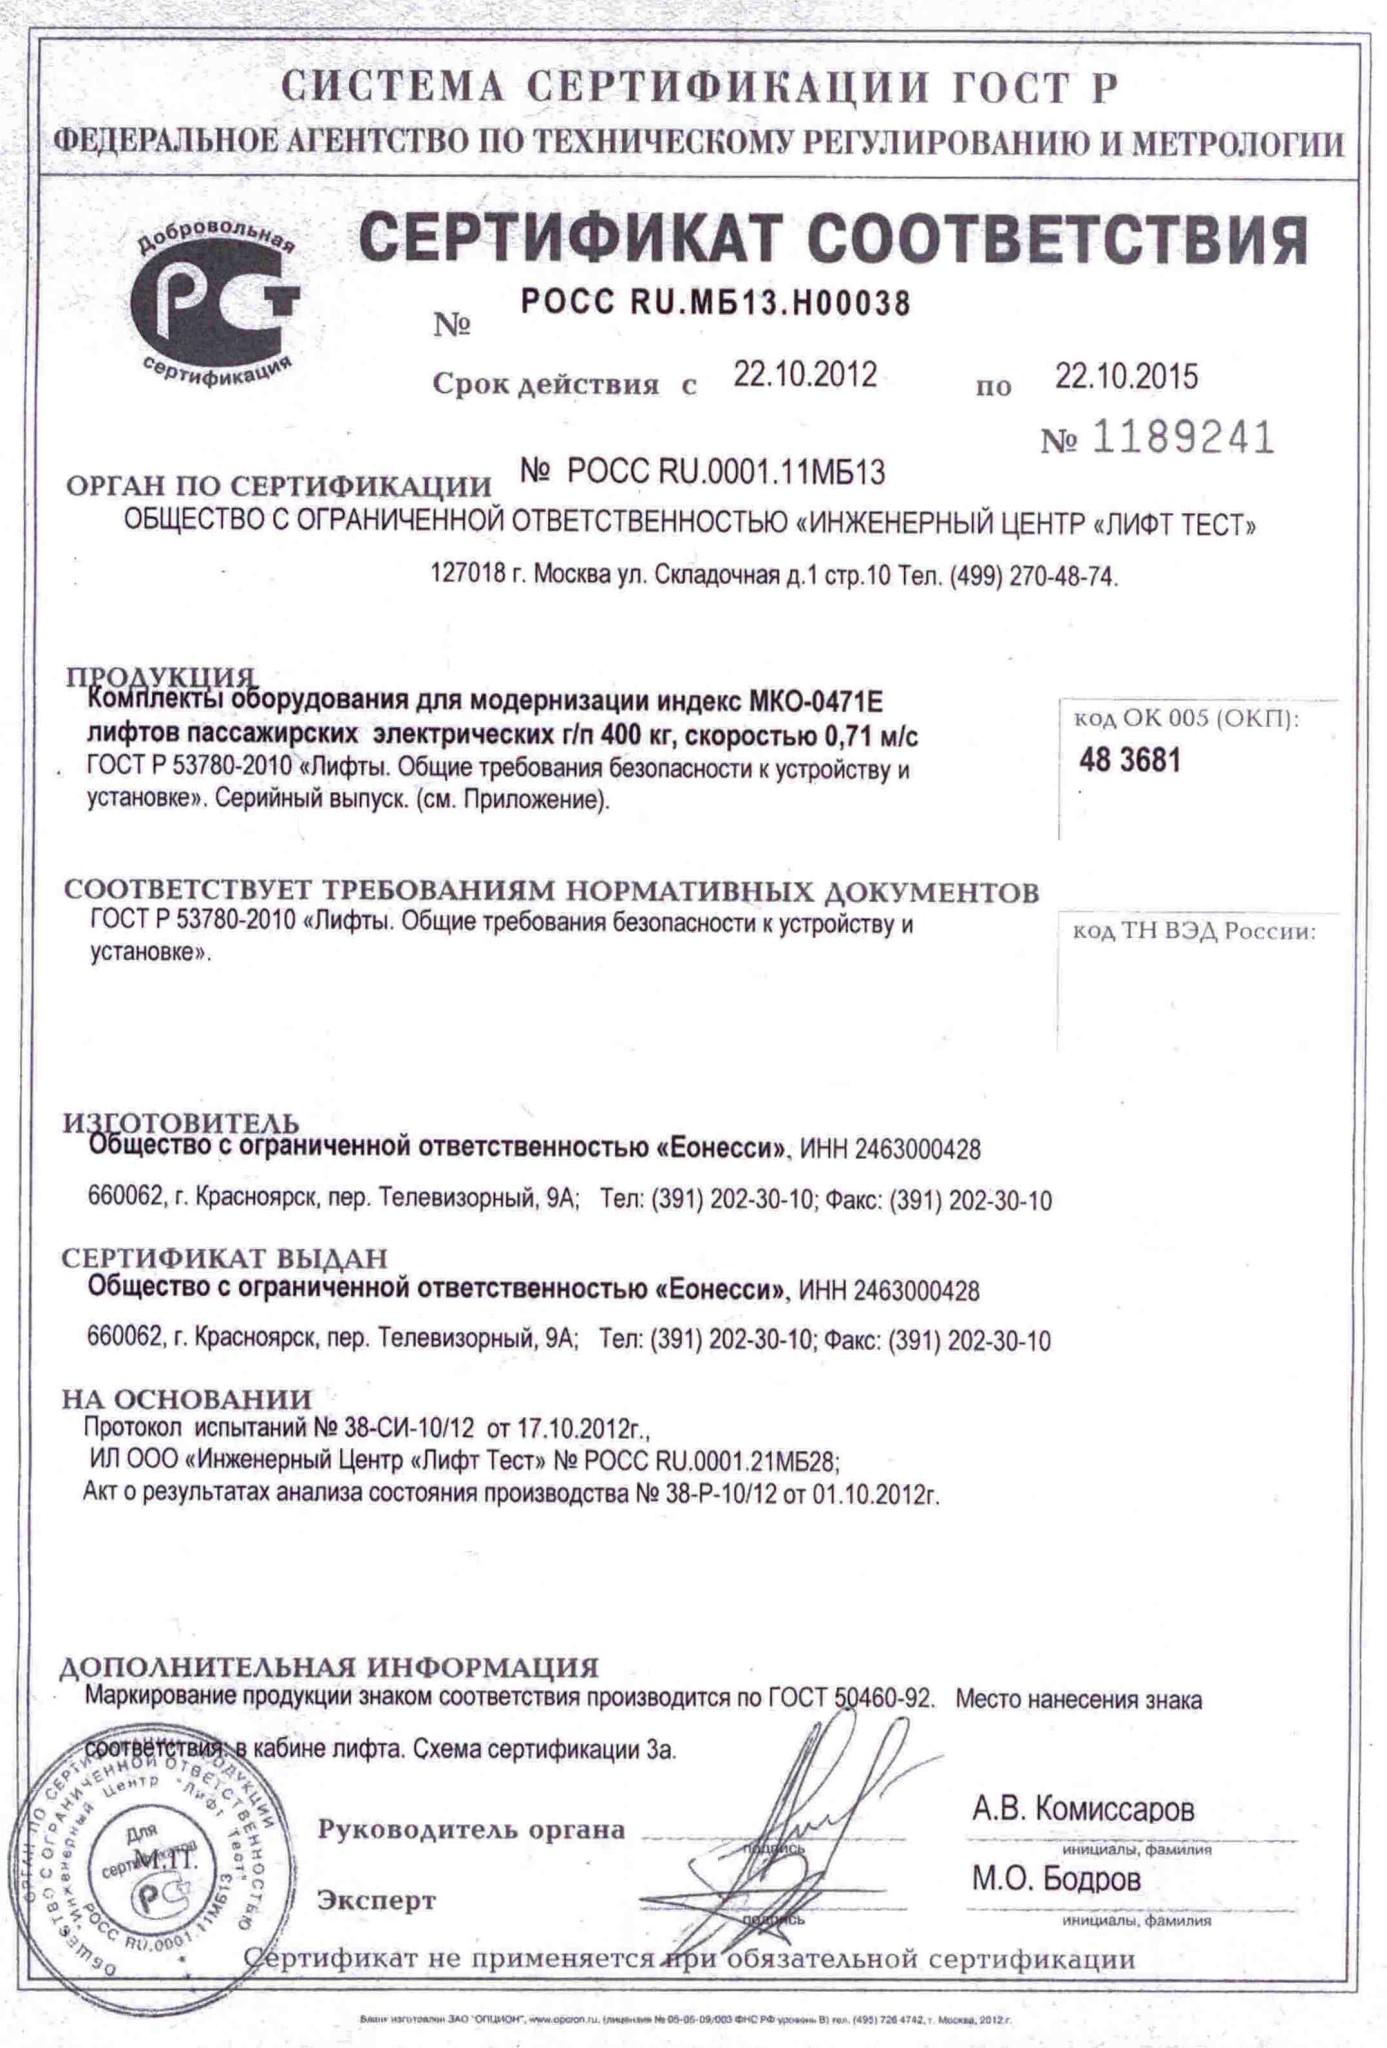 Сертификат соответствия Веллифт